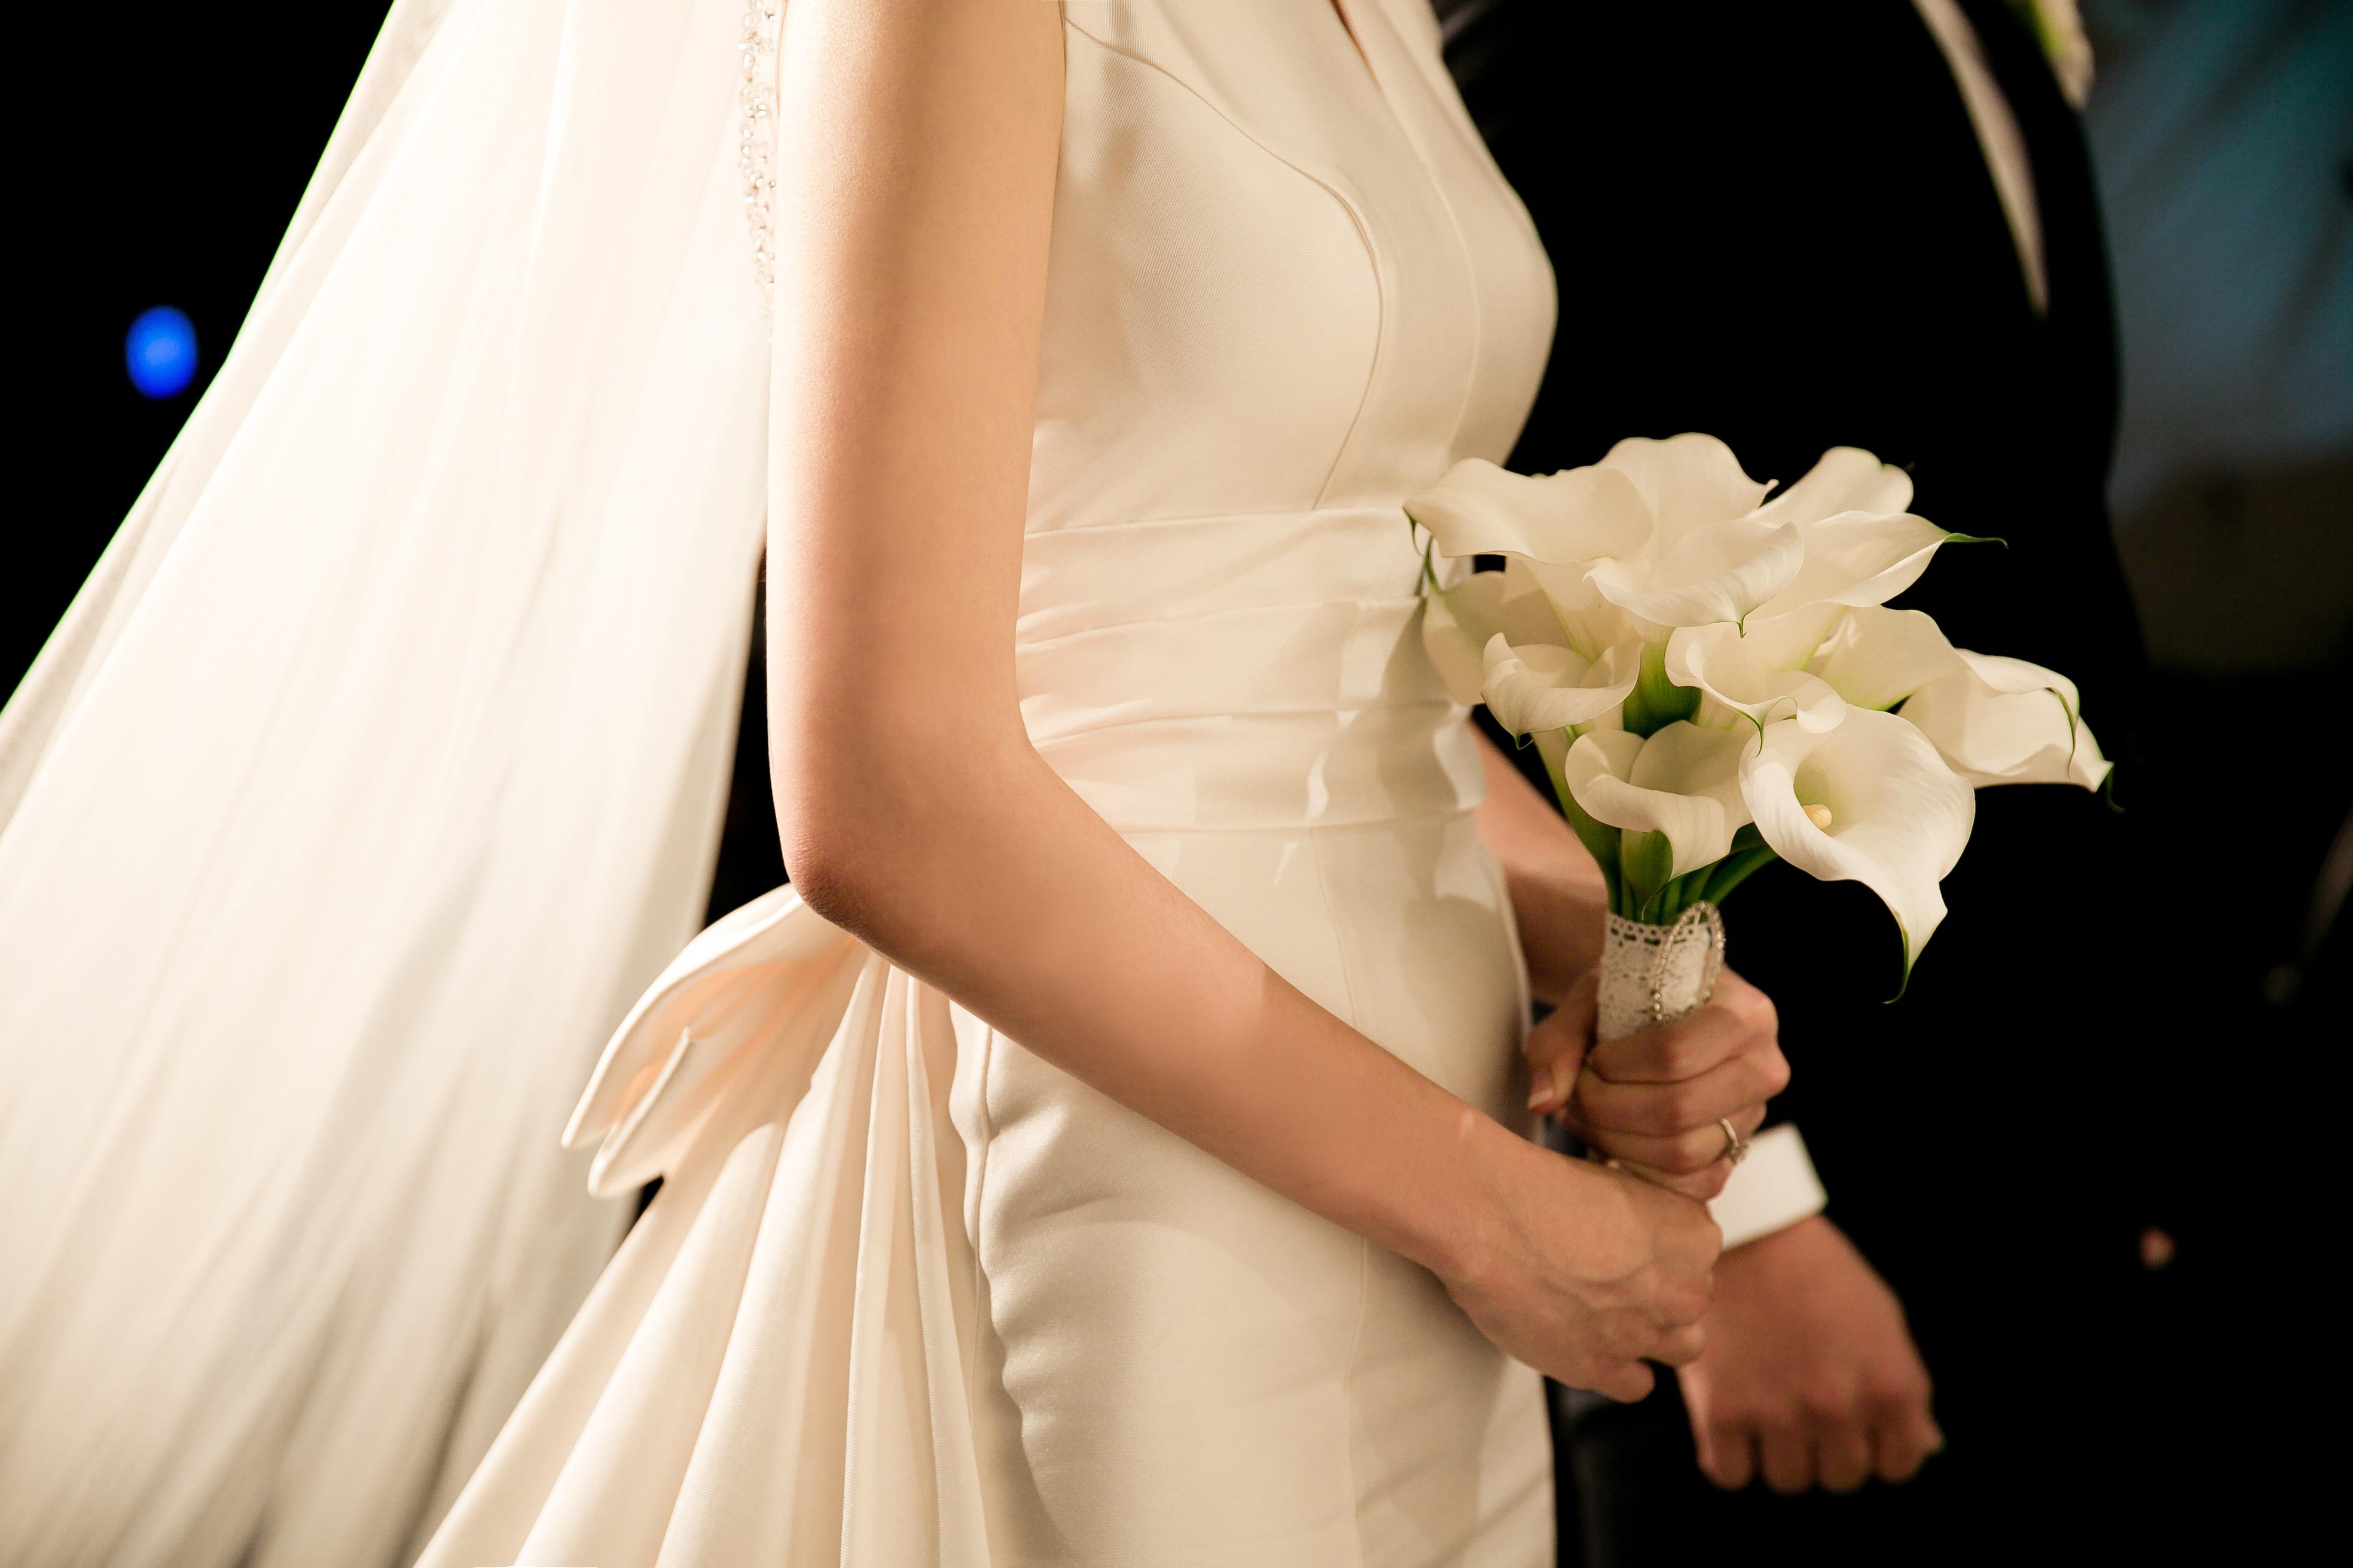 哪些疾病禁止结婚